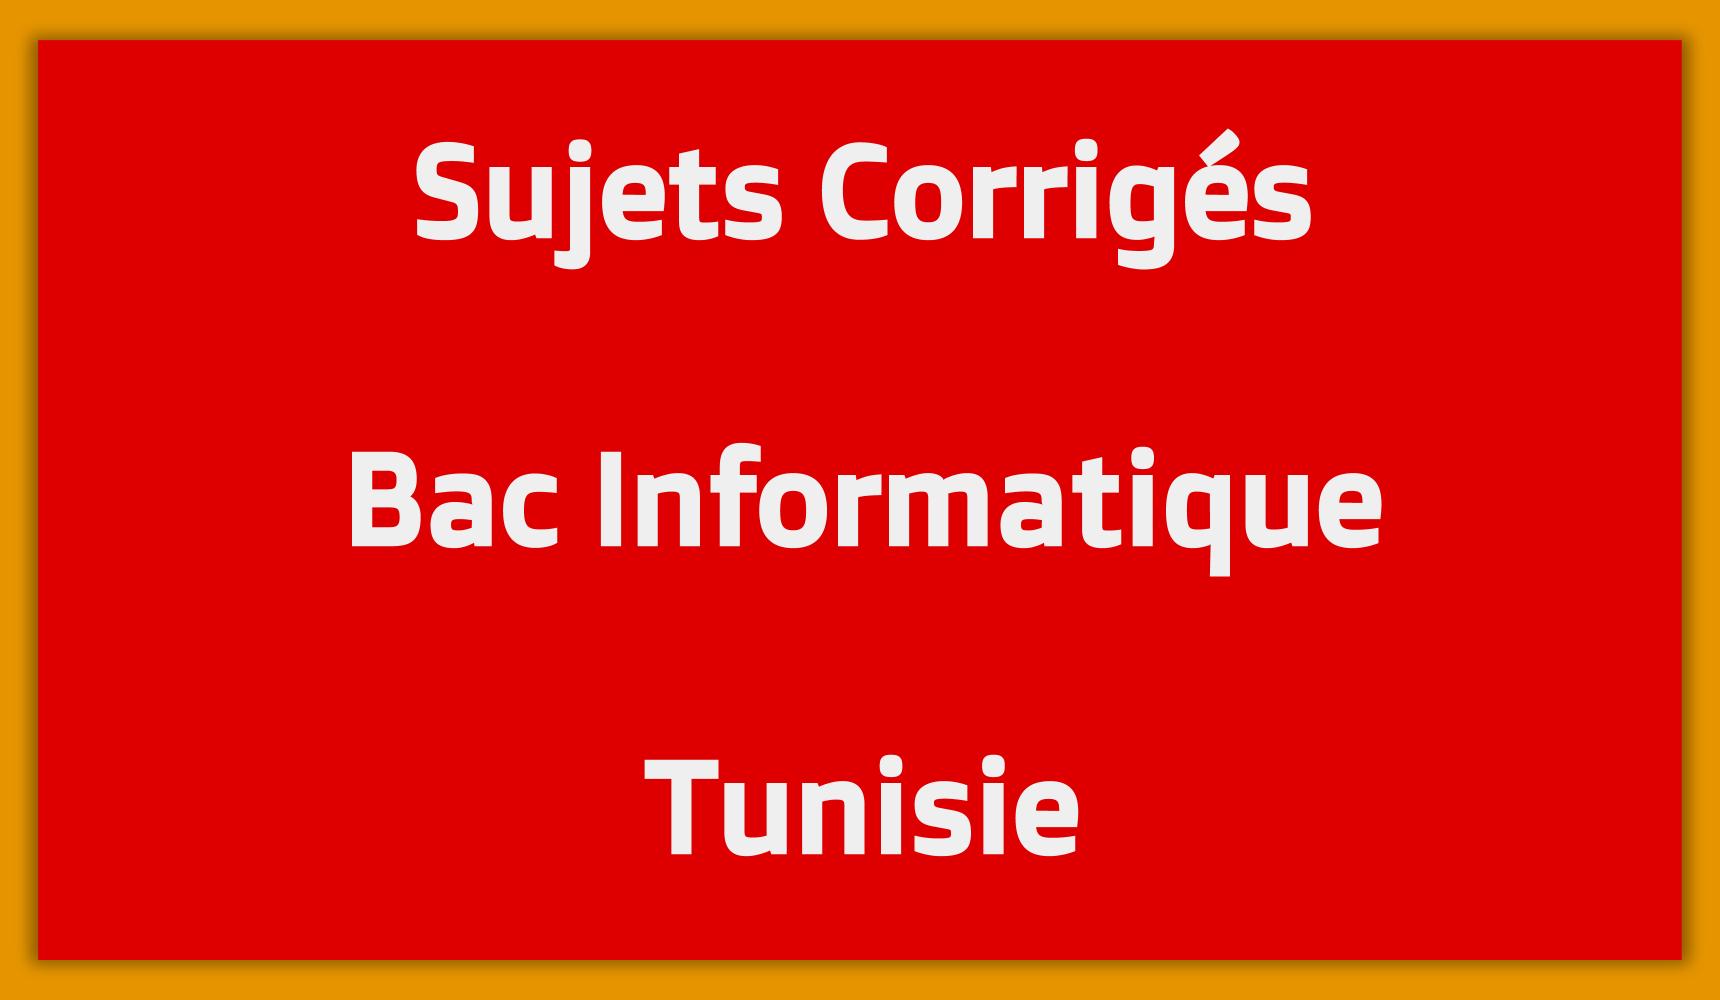 Sujets Corrigés Bac Informatique Tunisie